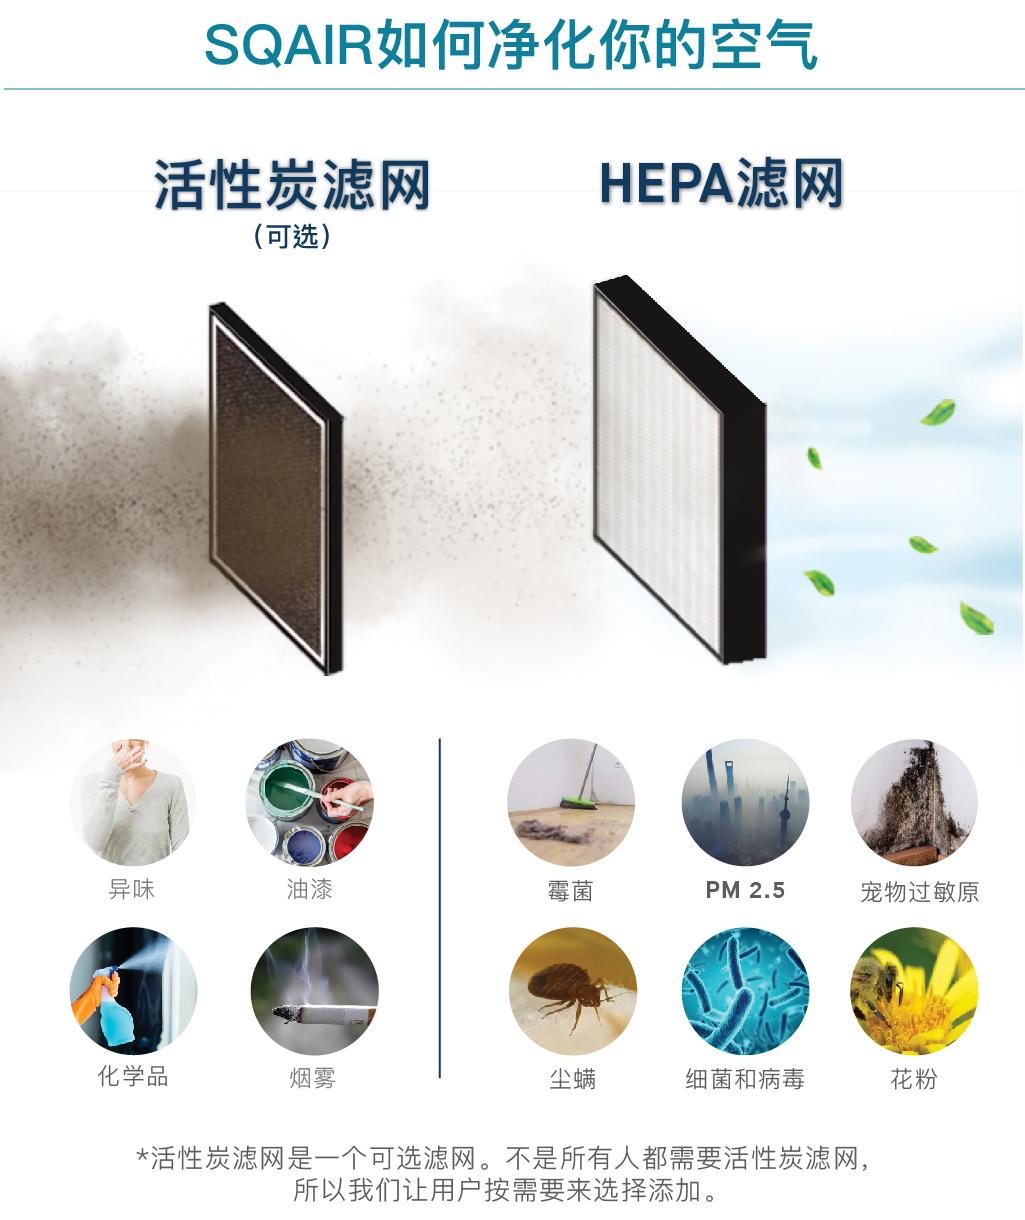 Sqair 活性炭滤网+HEPA滤网净化空气